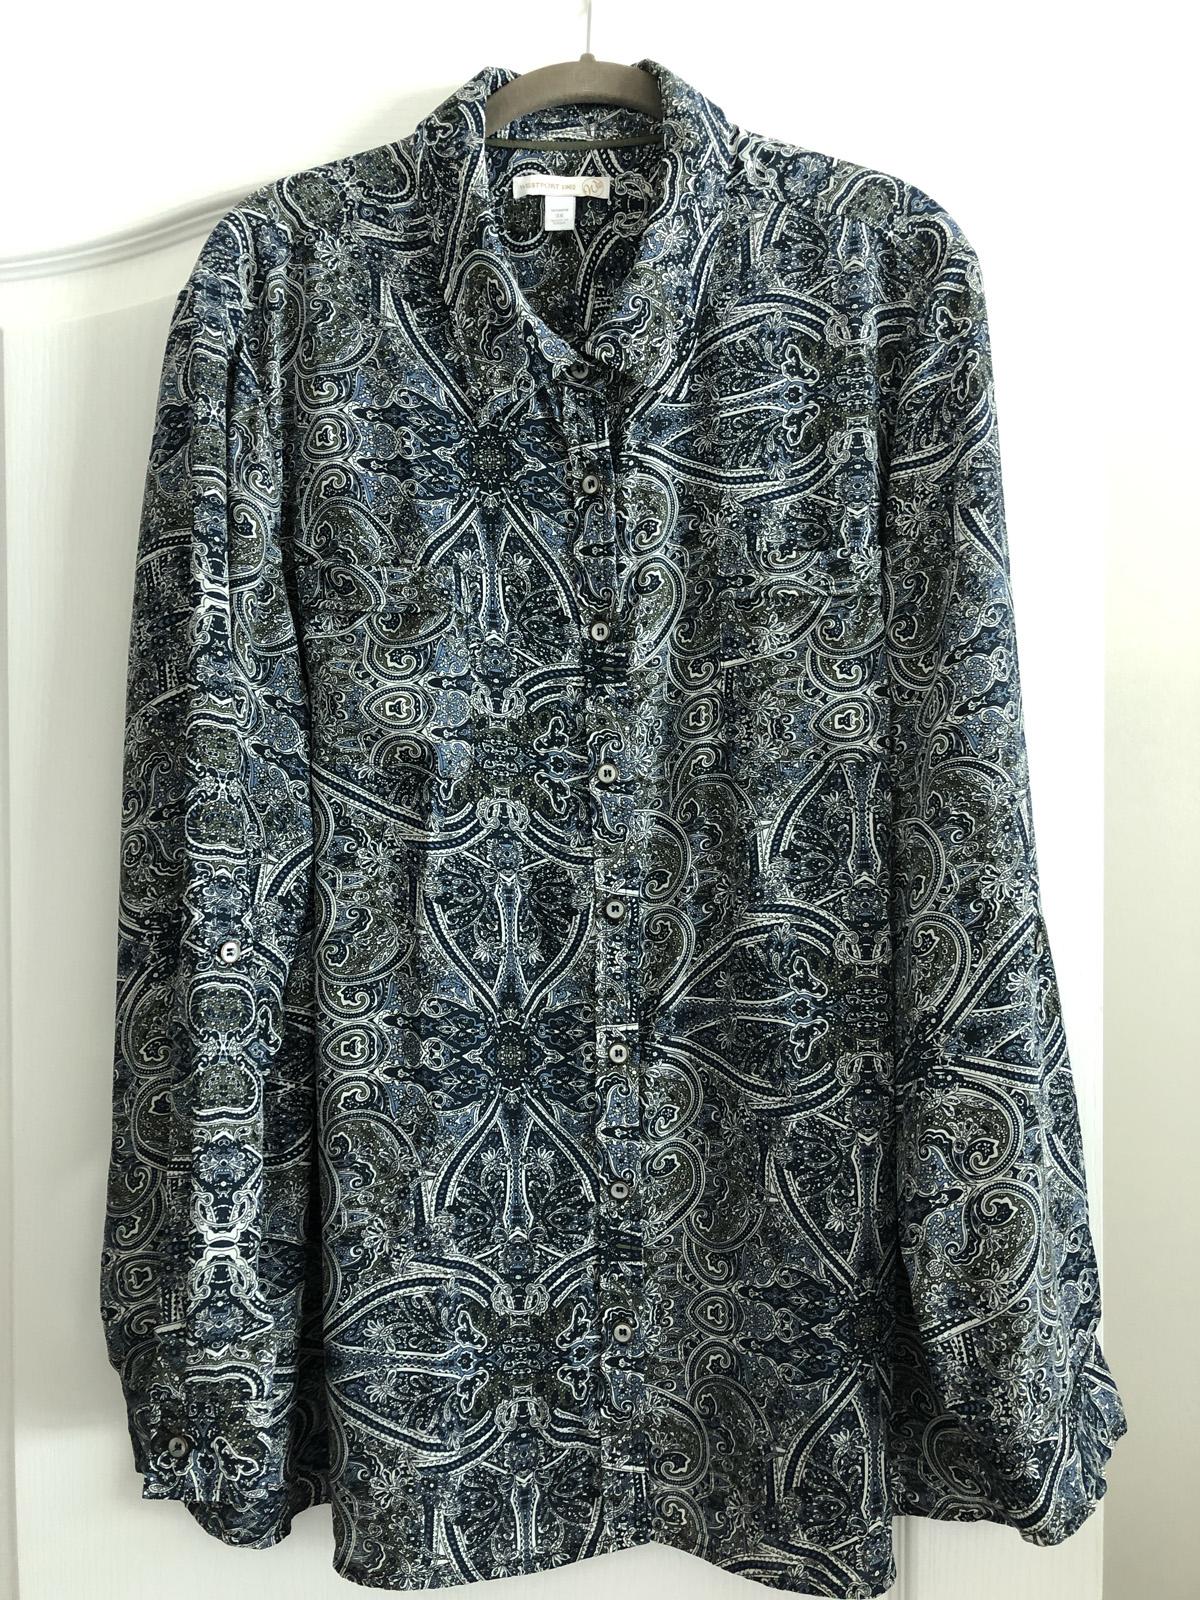 Original paisley blouse to complement the men's suit